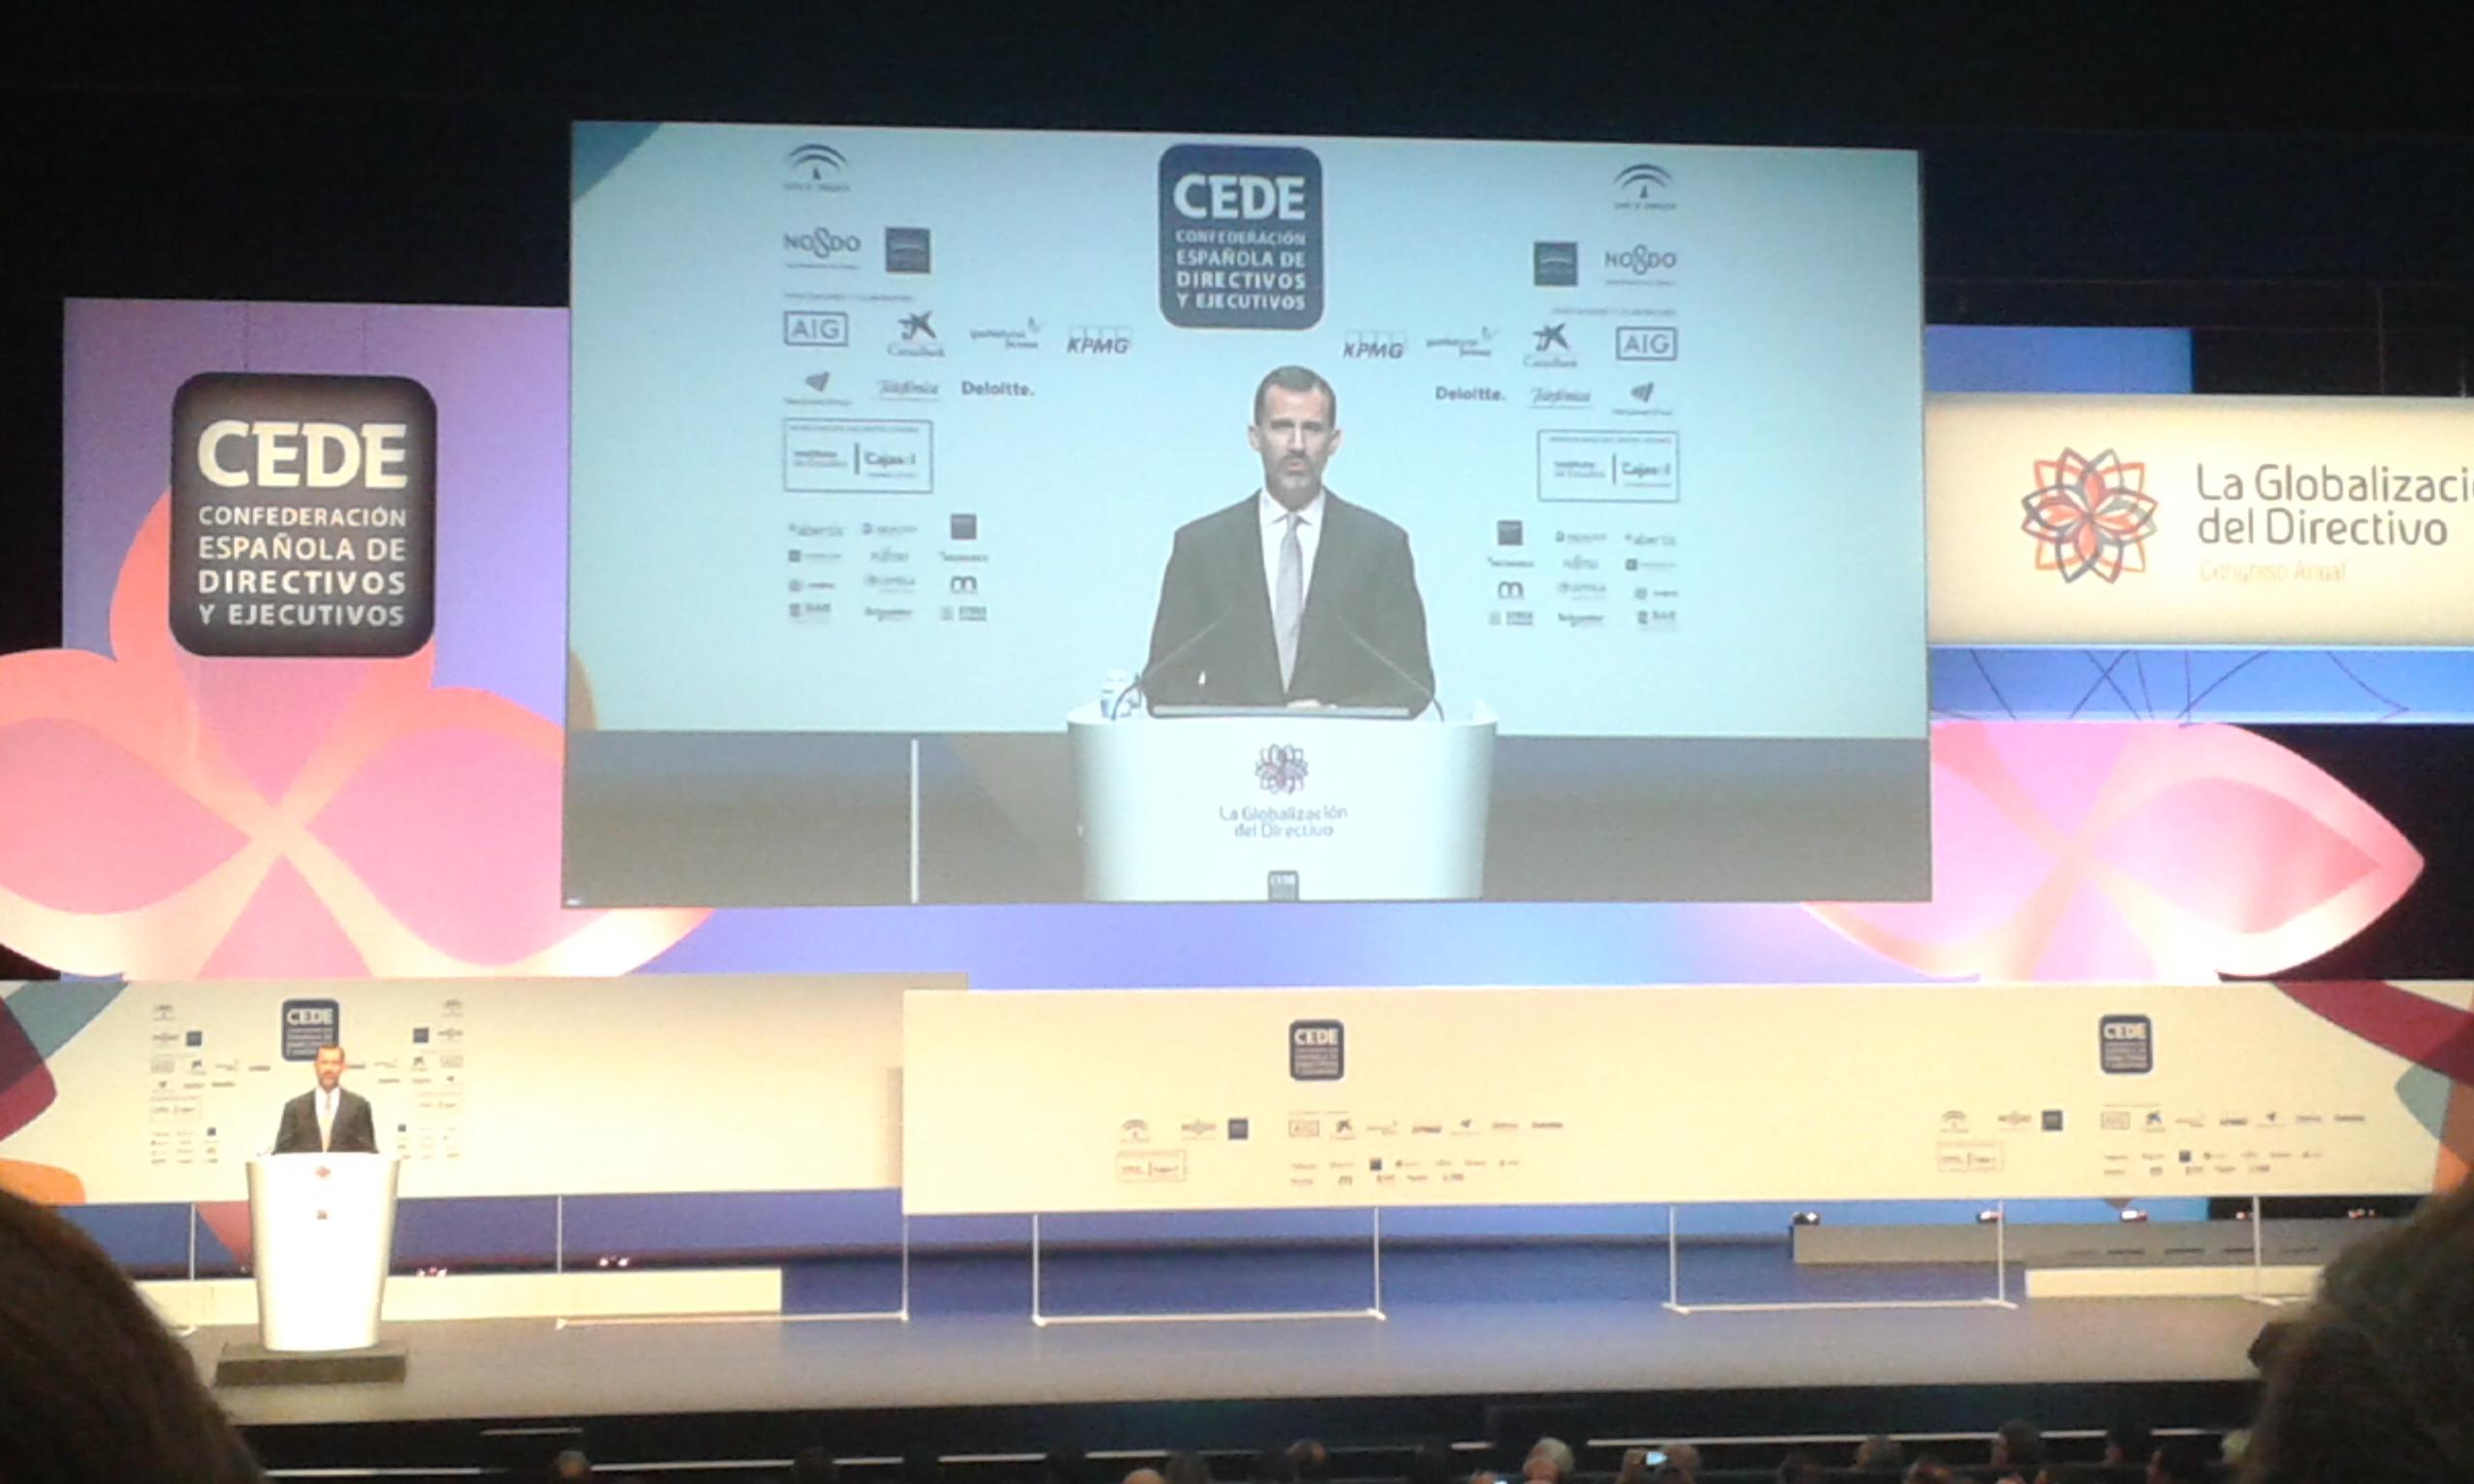 Resumen del Congreso CEDE 2014 en Sevilla